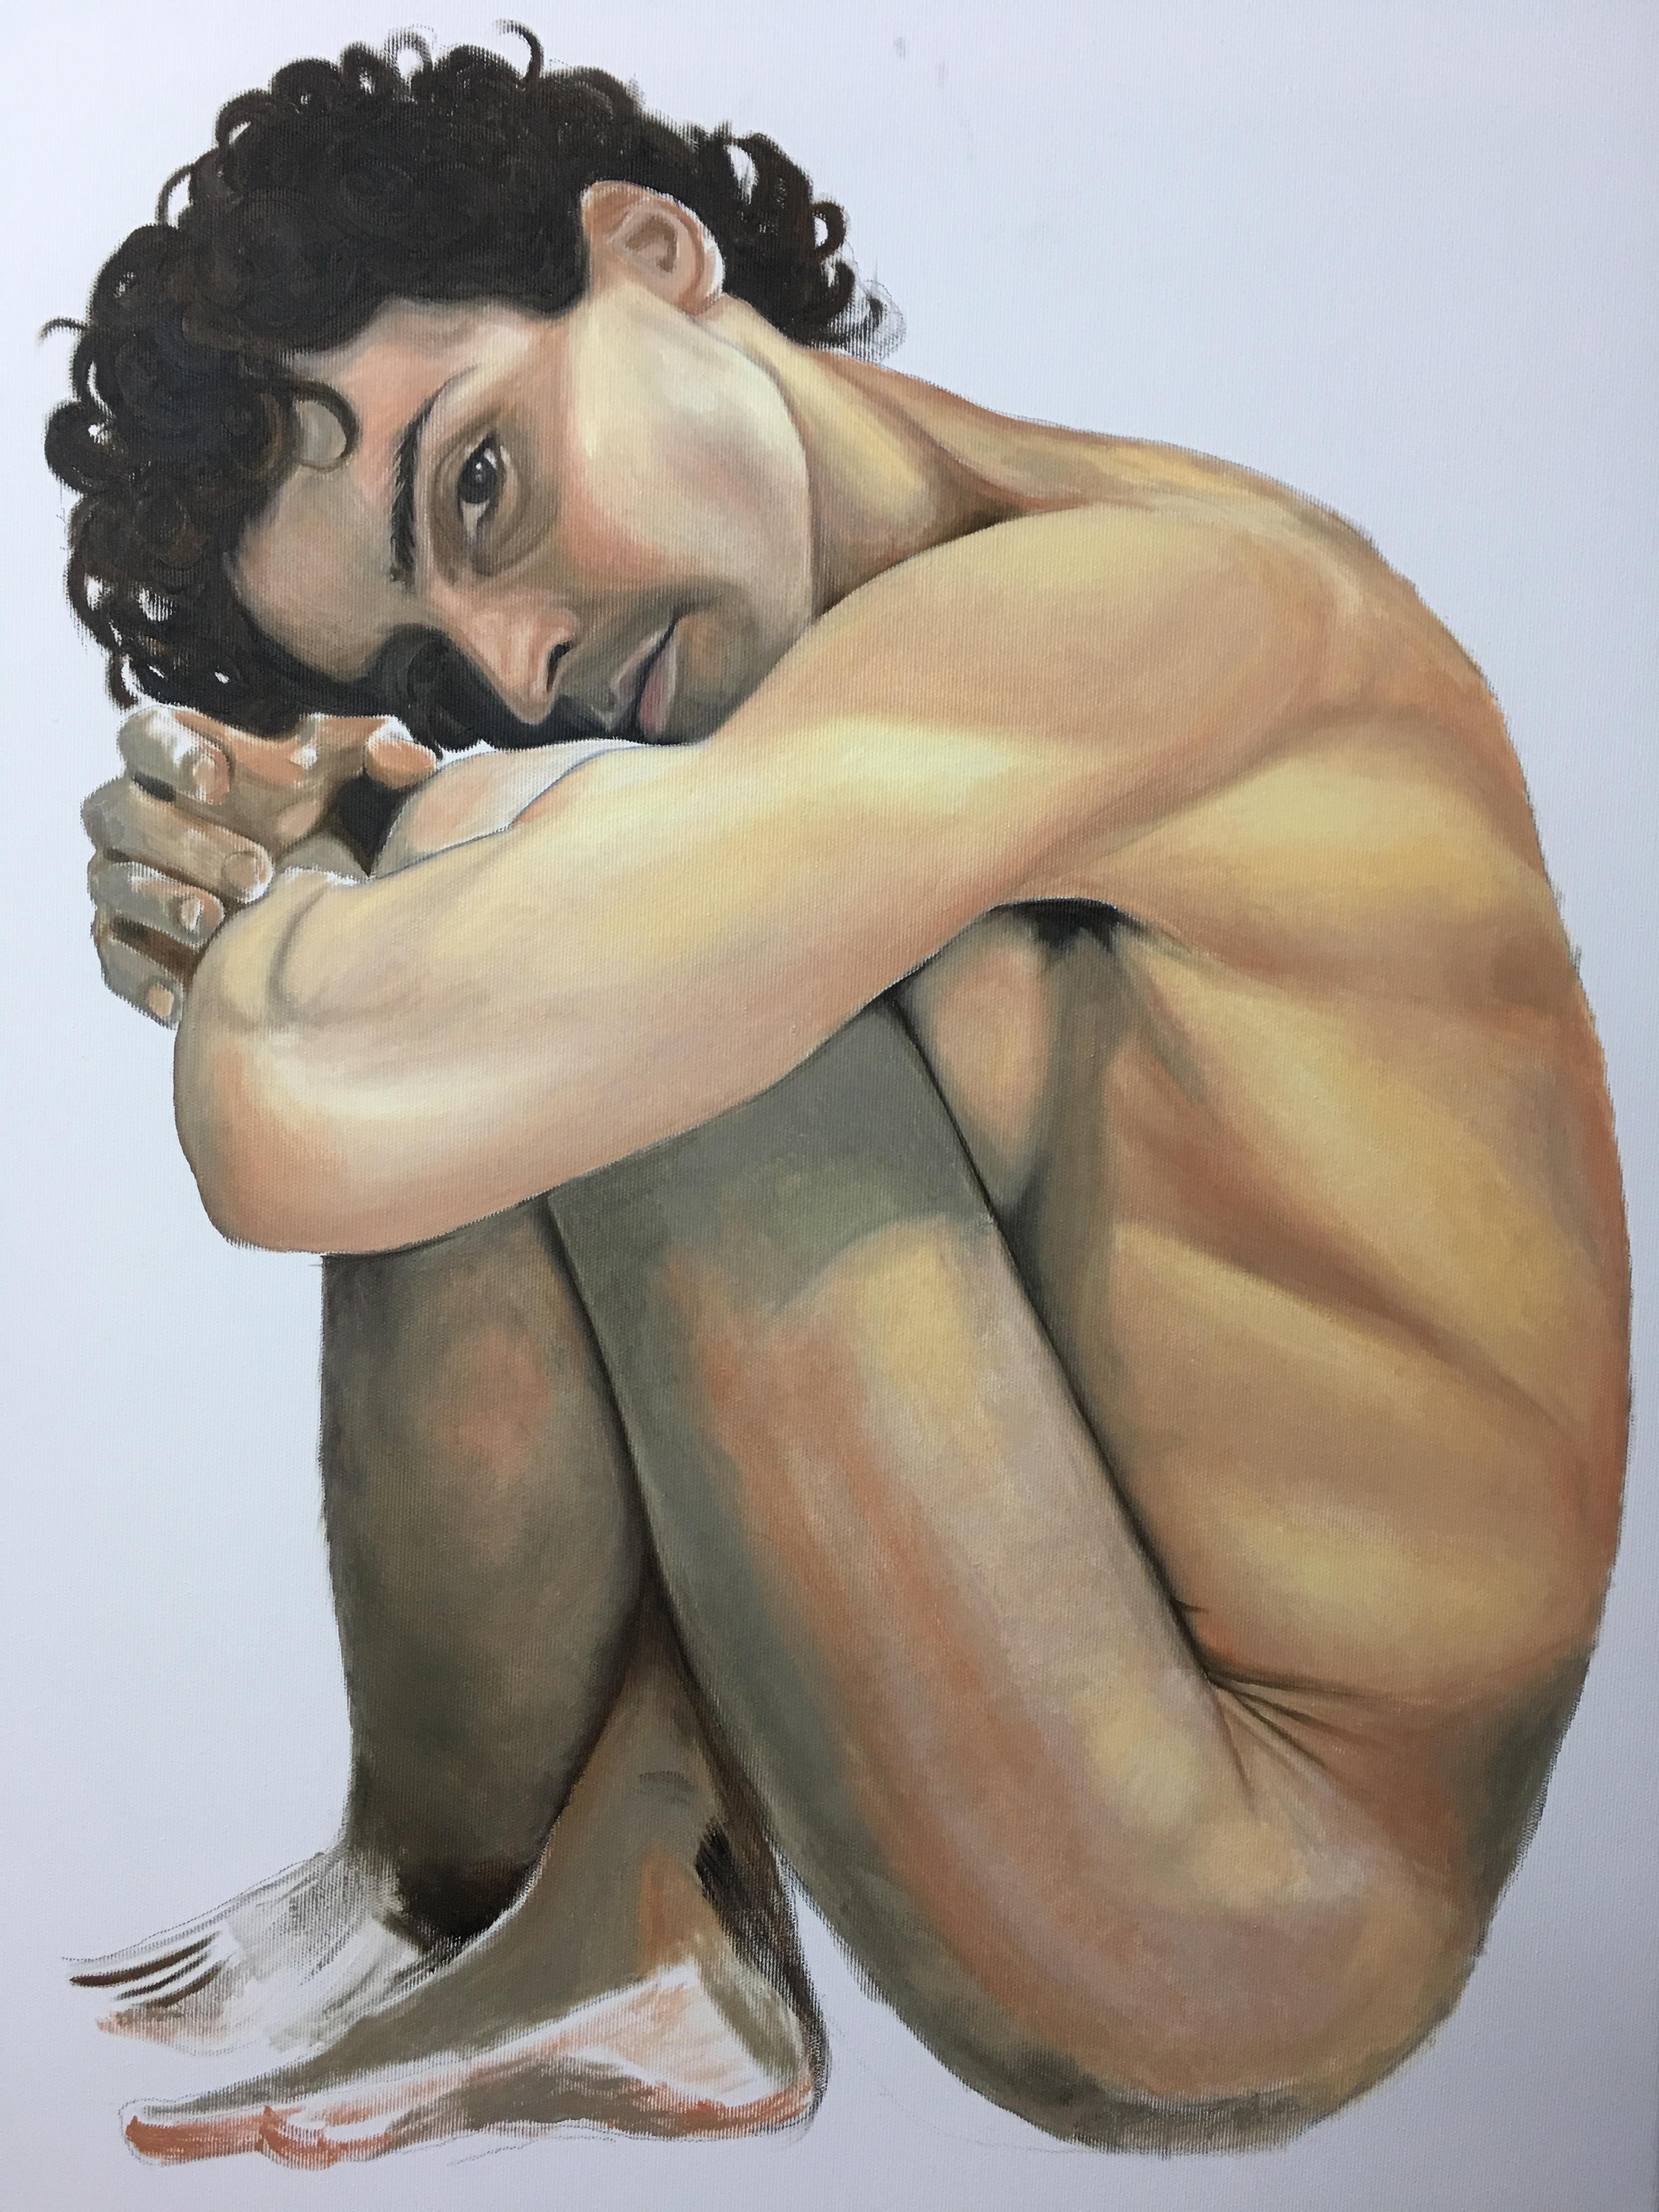 Pintura de La Jaula. Autorretrato de David Marcelo